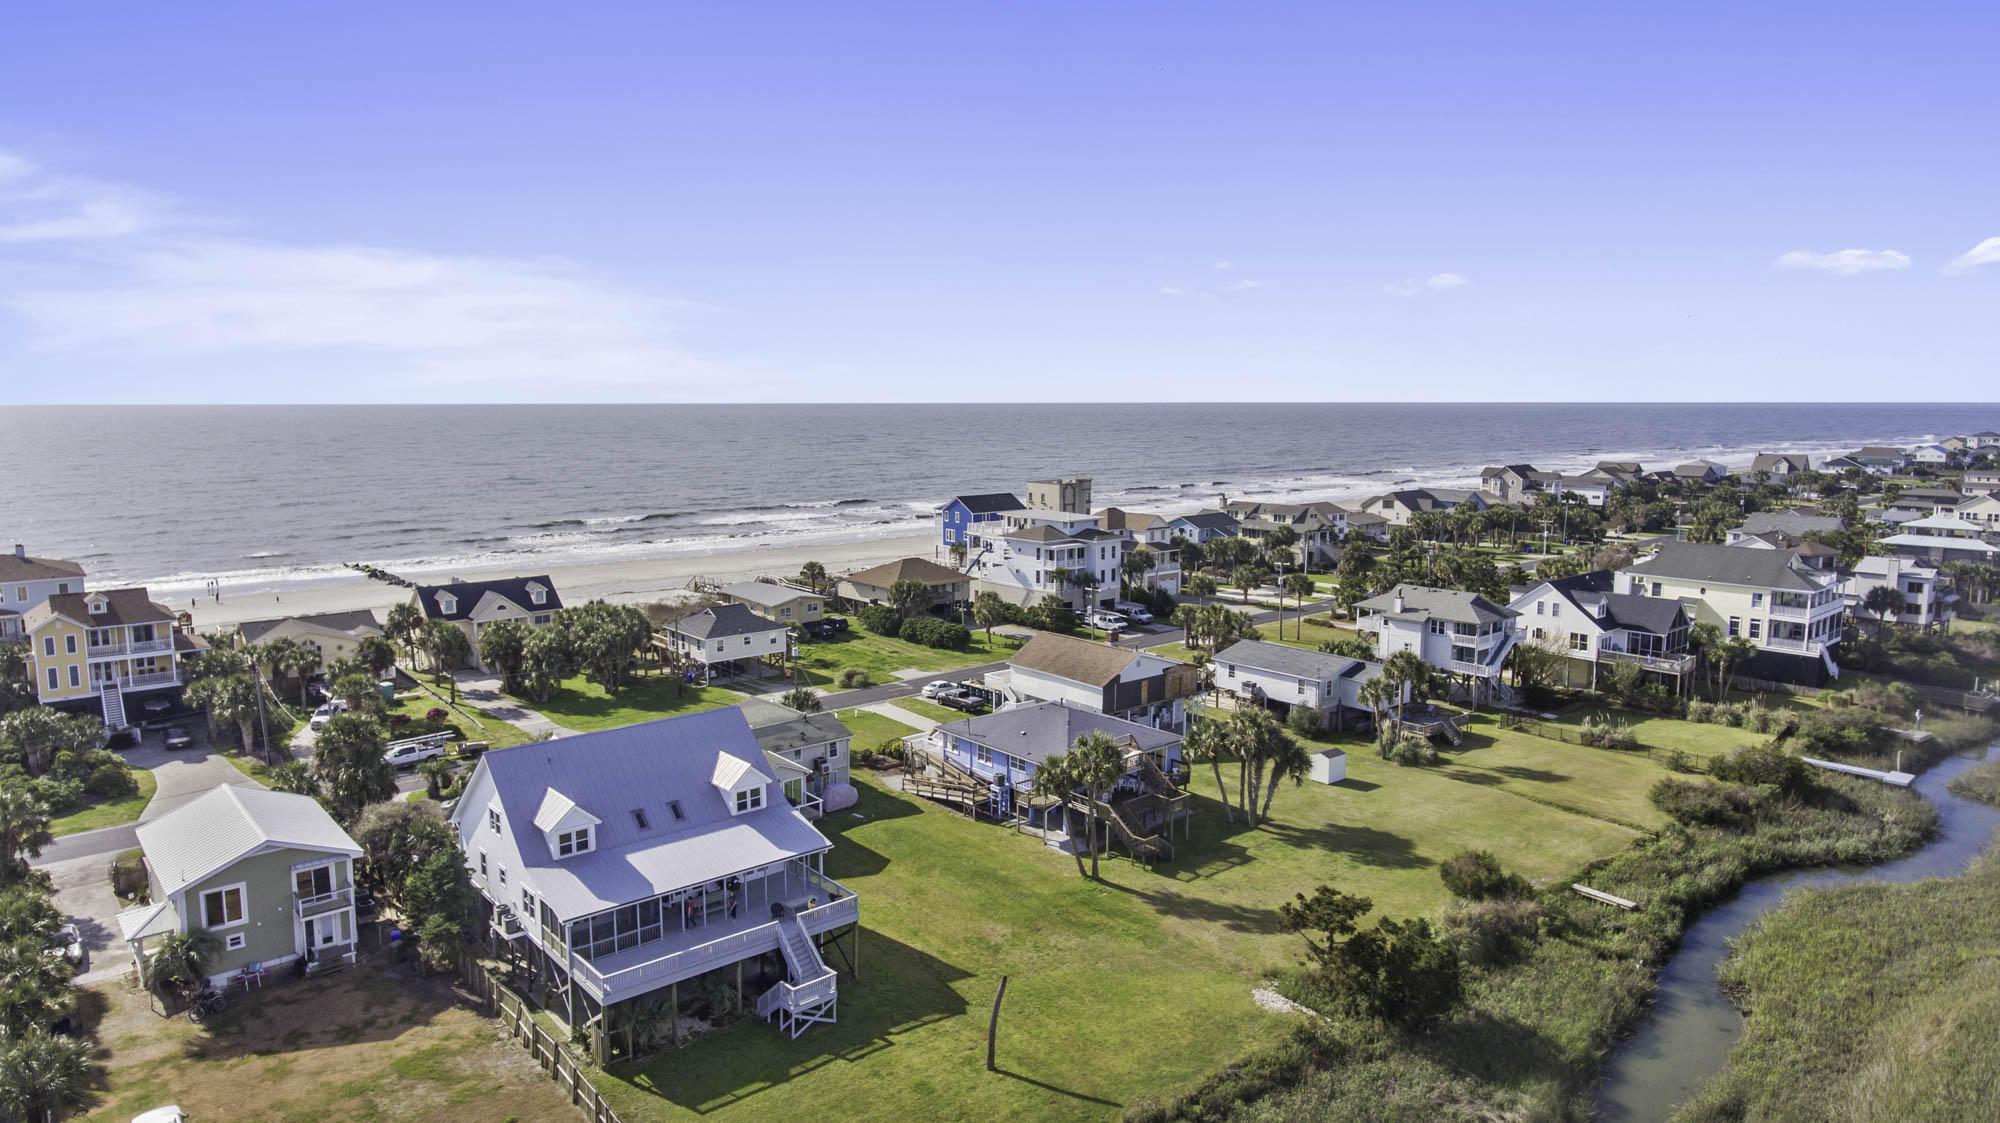 E Folly Bch Shores Homes For Sale - 1662 Ashley, Folly Beach, SC - 21